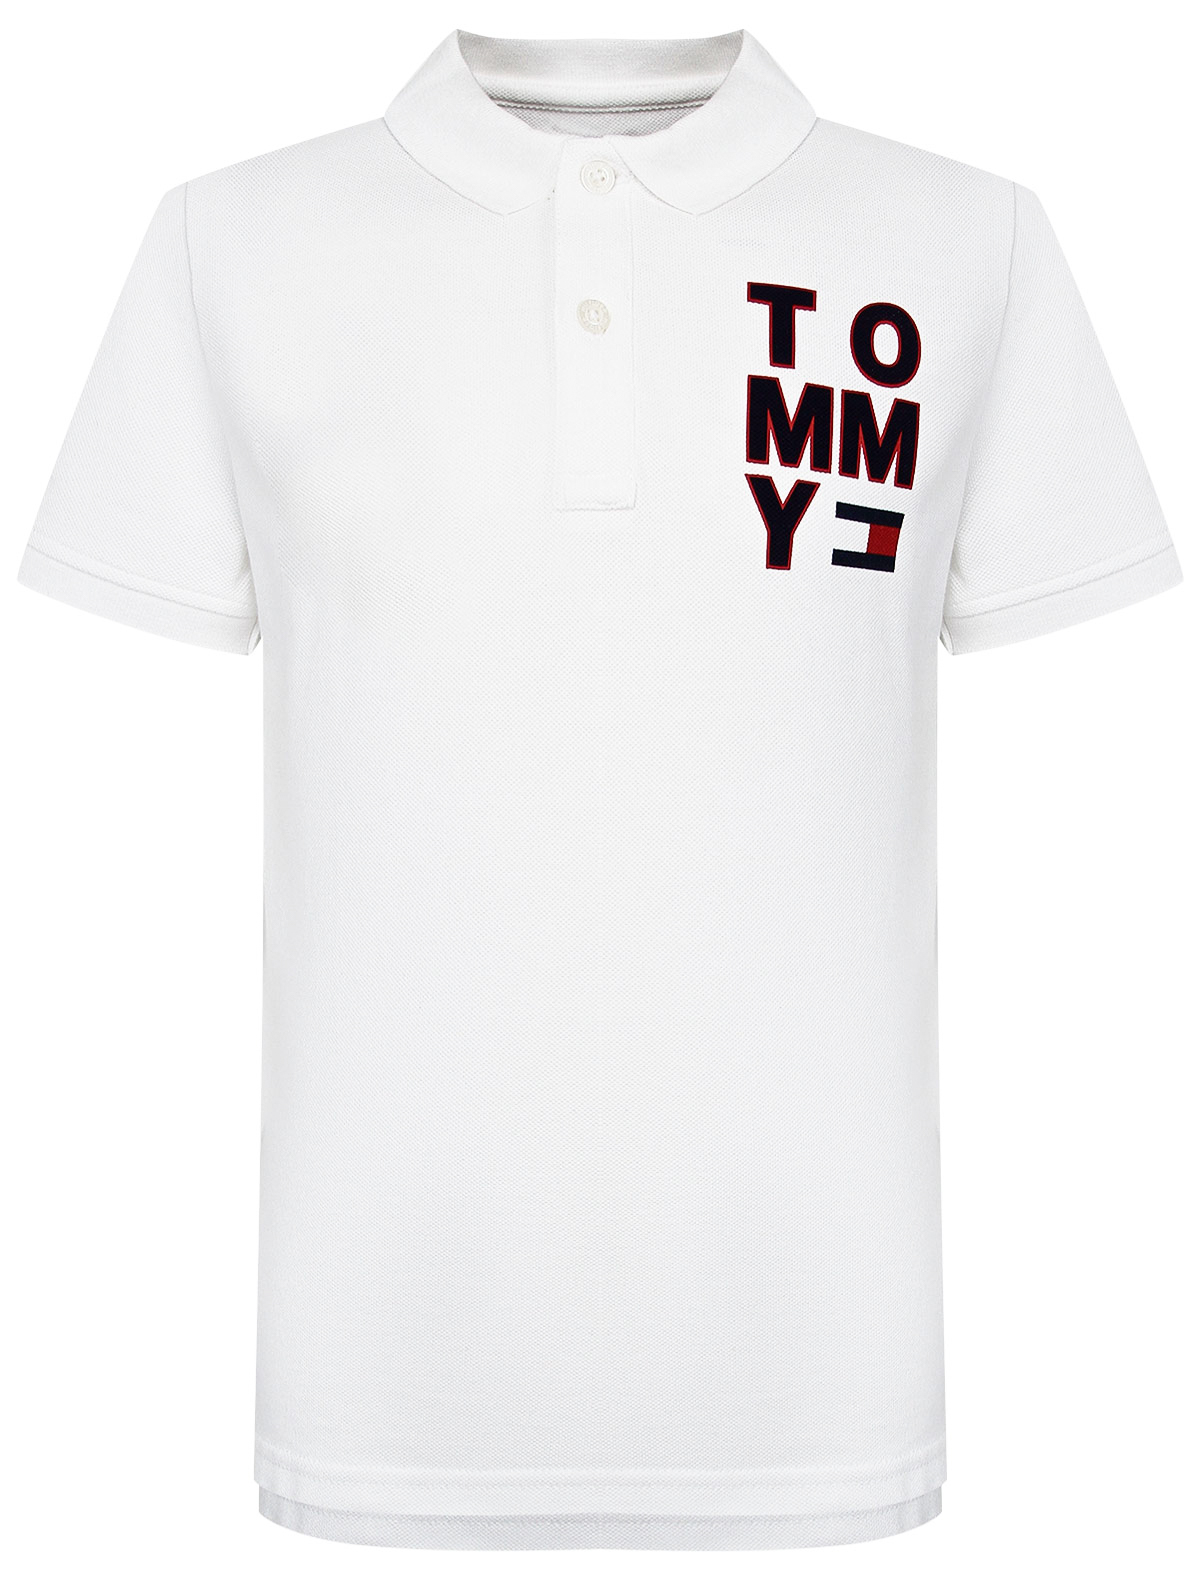 Купить 2173708, Поло TOMMY HILFIGER, белый, Мужской, 1144519071515